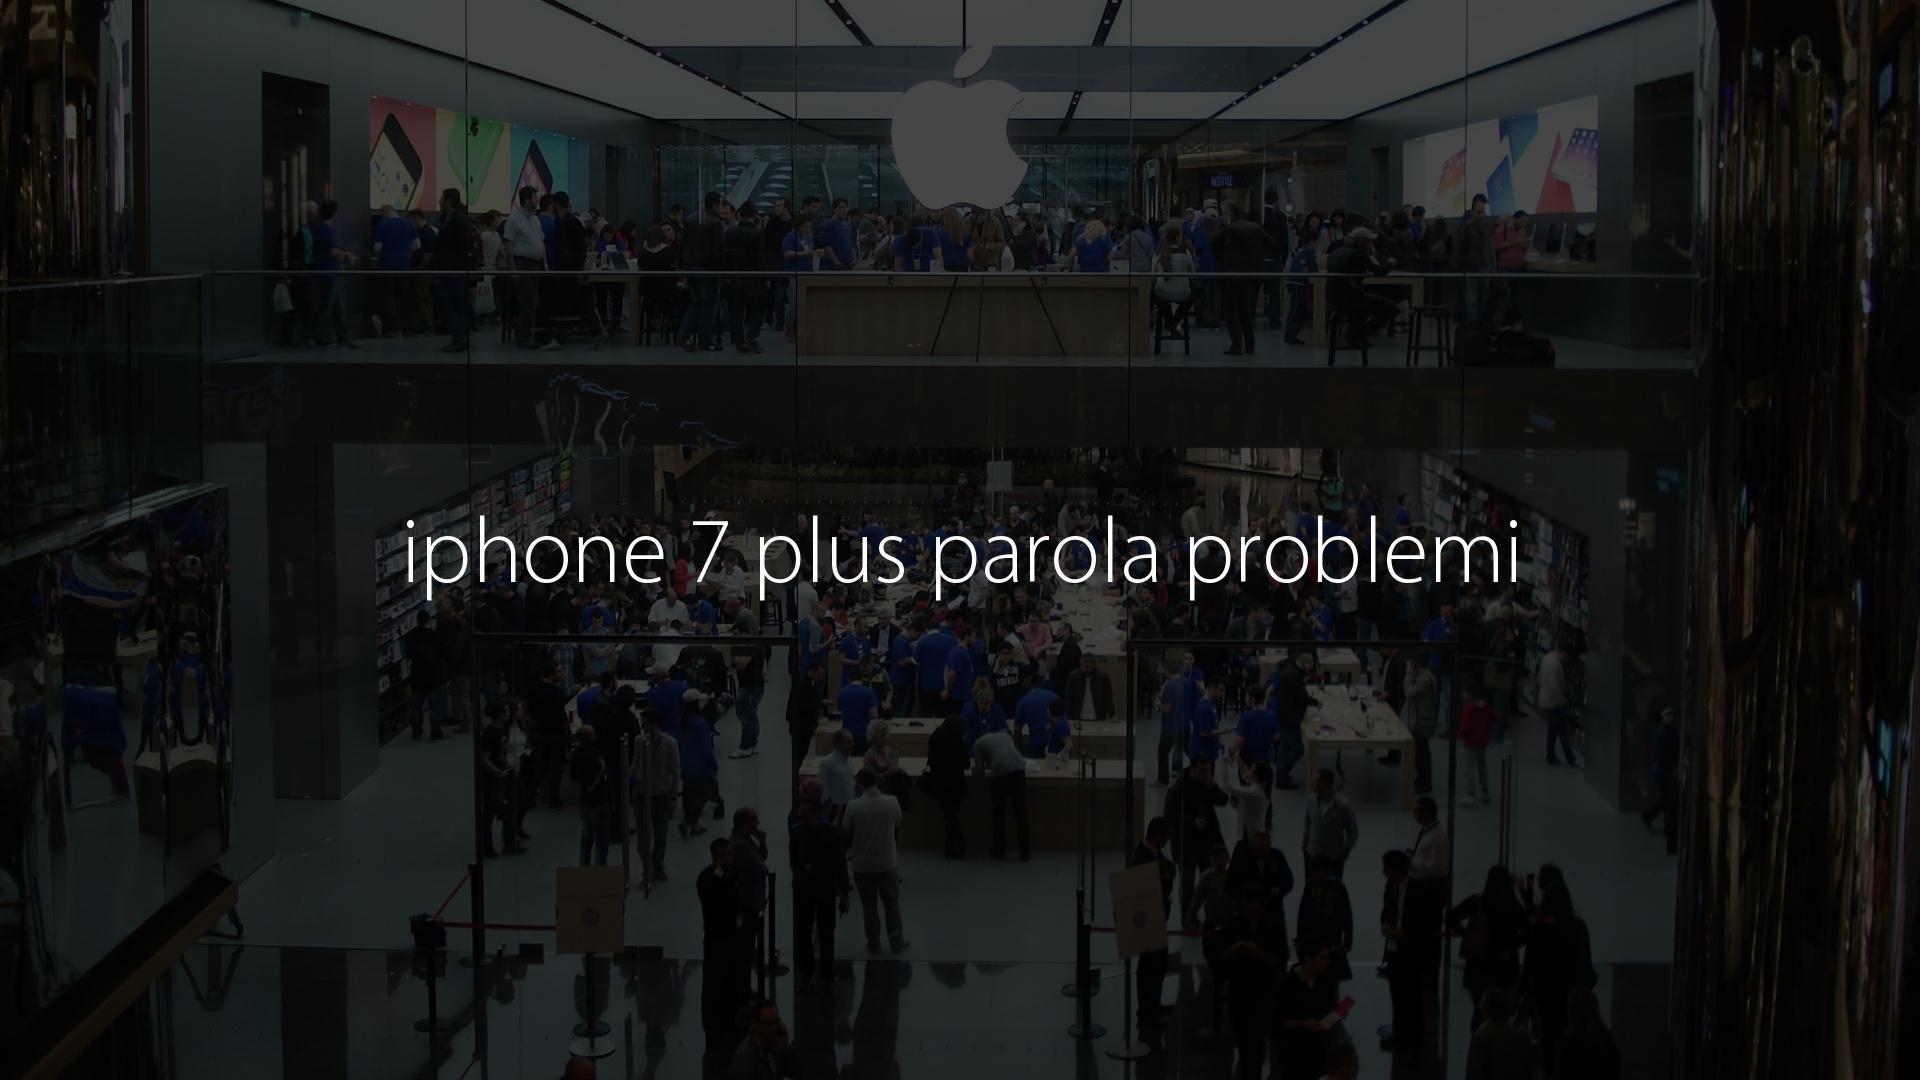 iphone 7 plus parola problemi